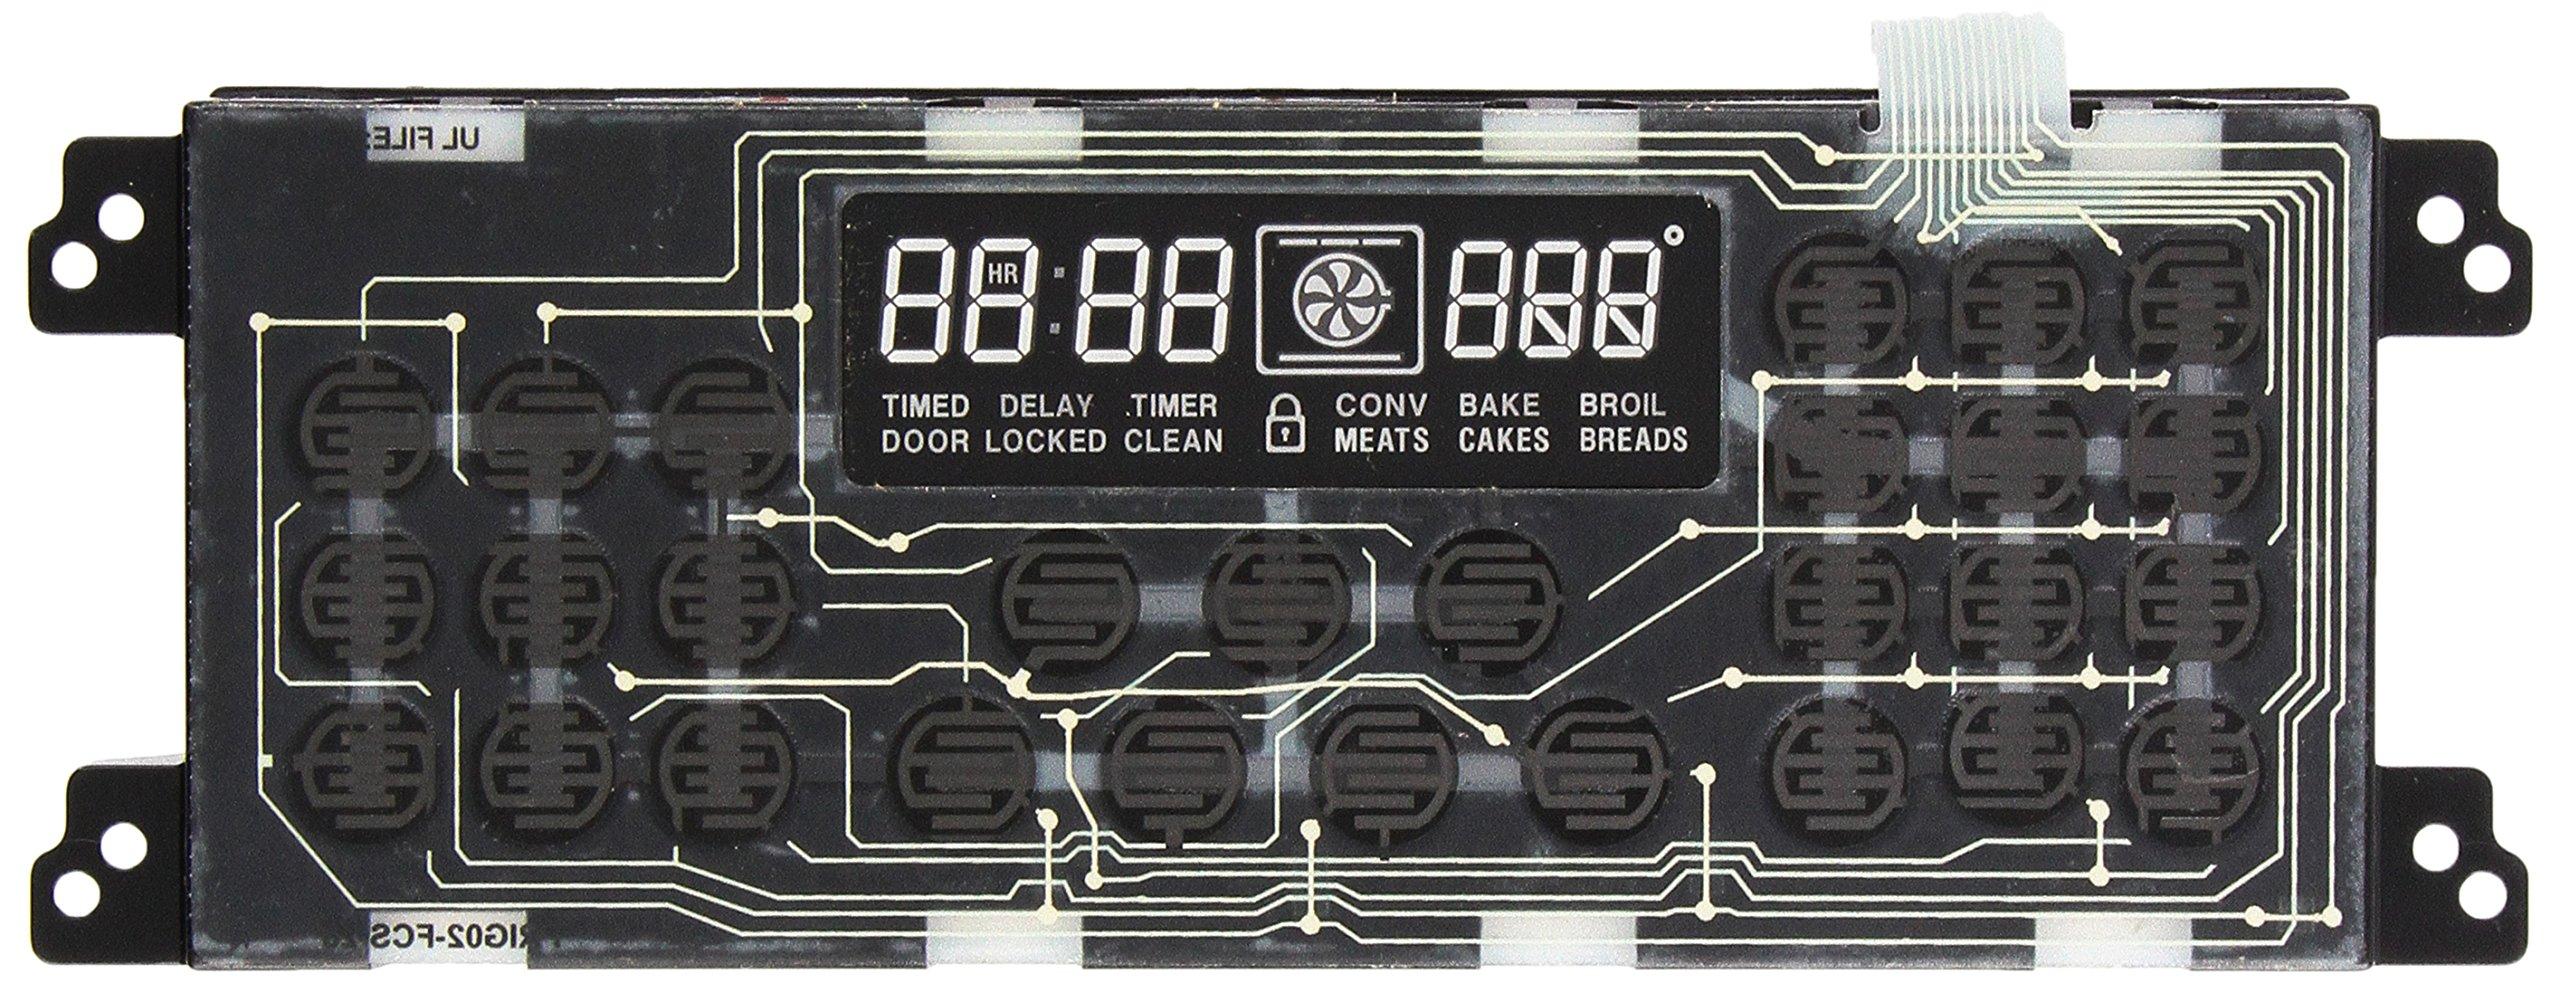 Frigidaire 316418701 Oven Control Board Range/Stove/Oven